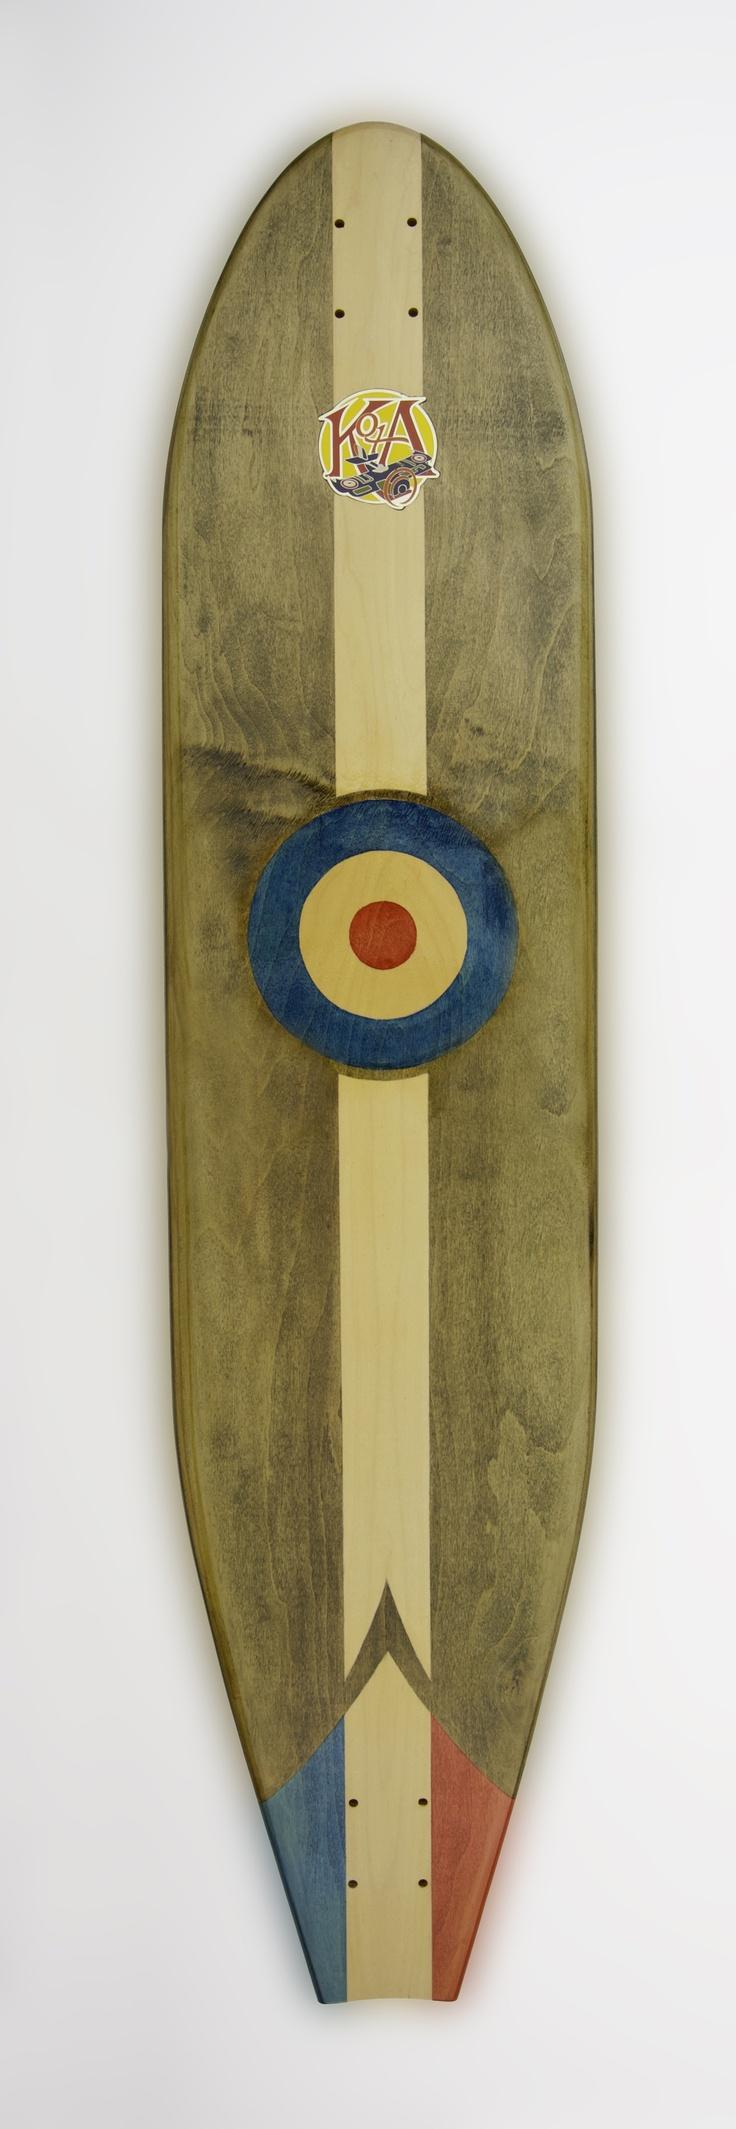 KOTA Longboards Handley Page Type O RAF design.  MSRP $290 complete / $200 deck.